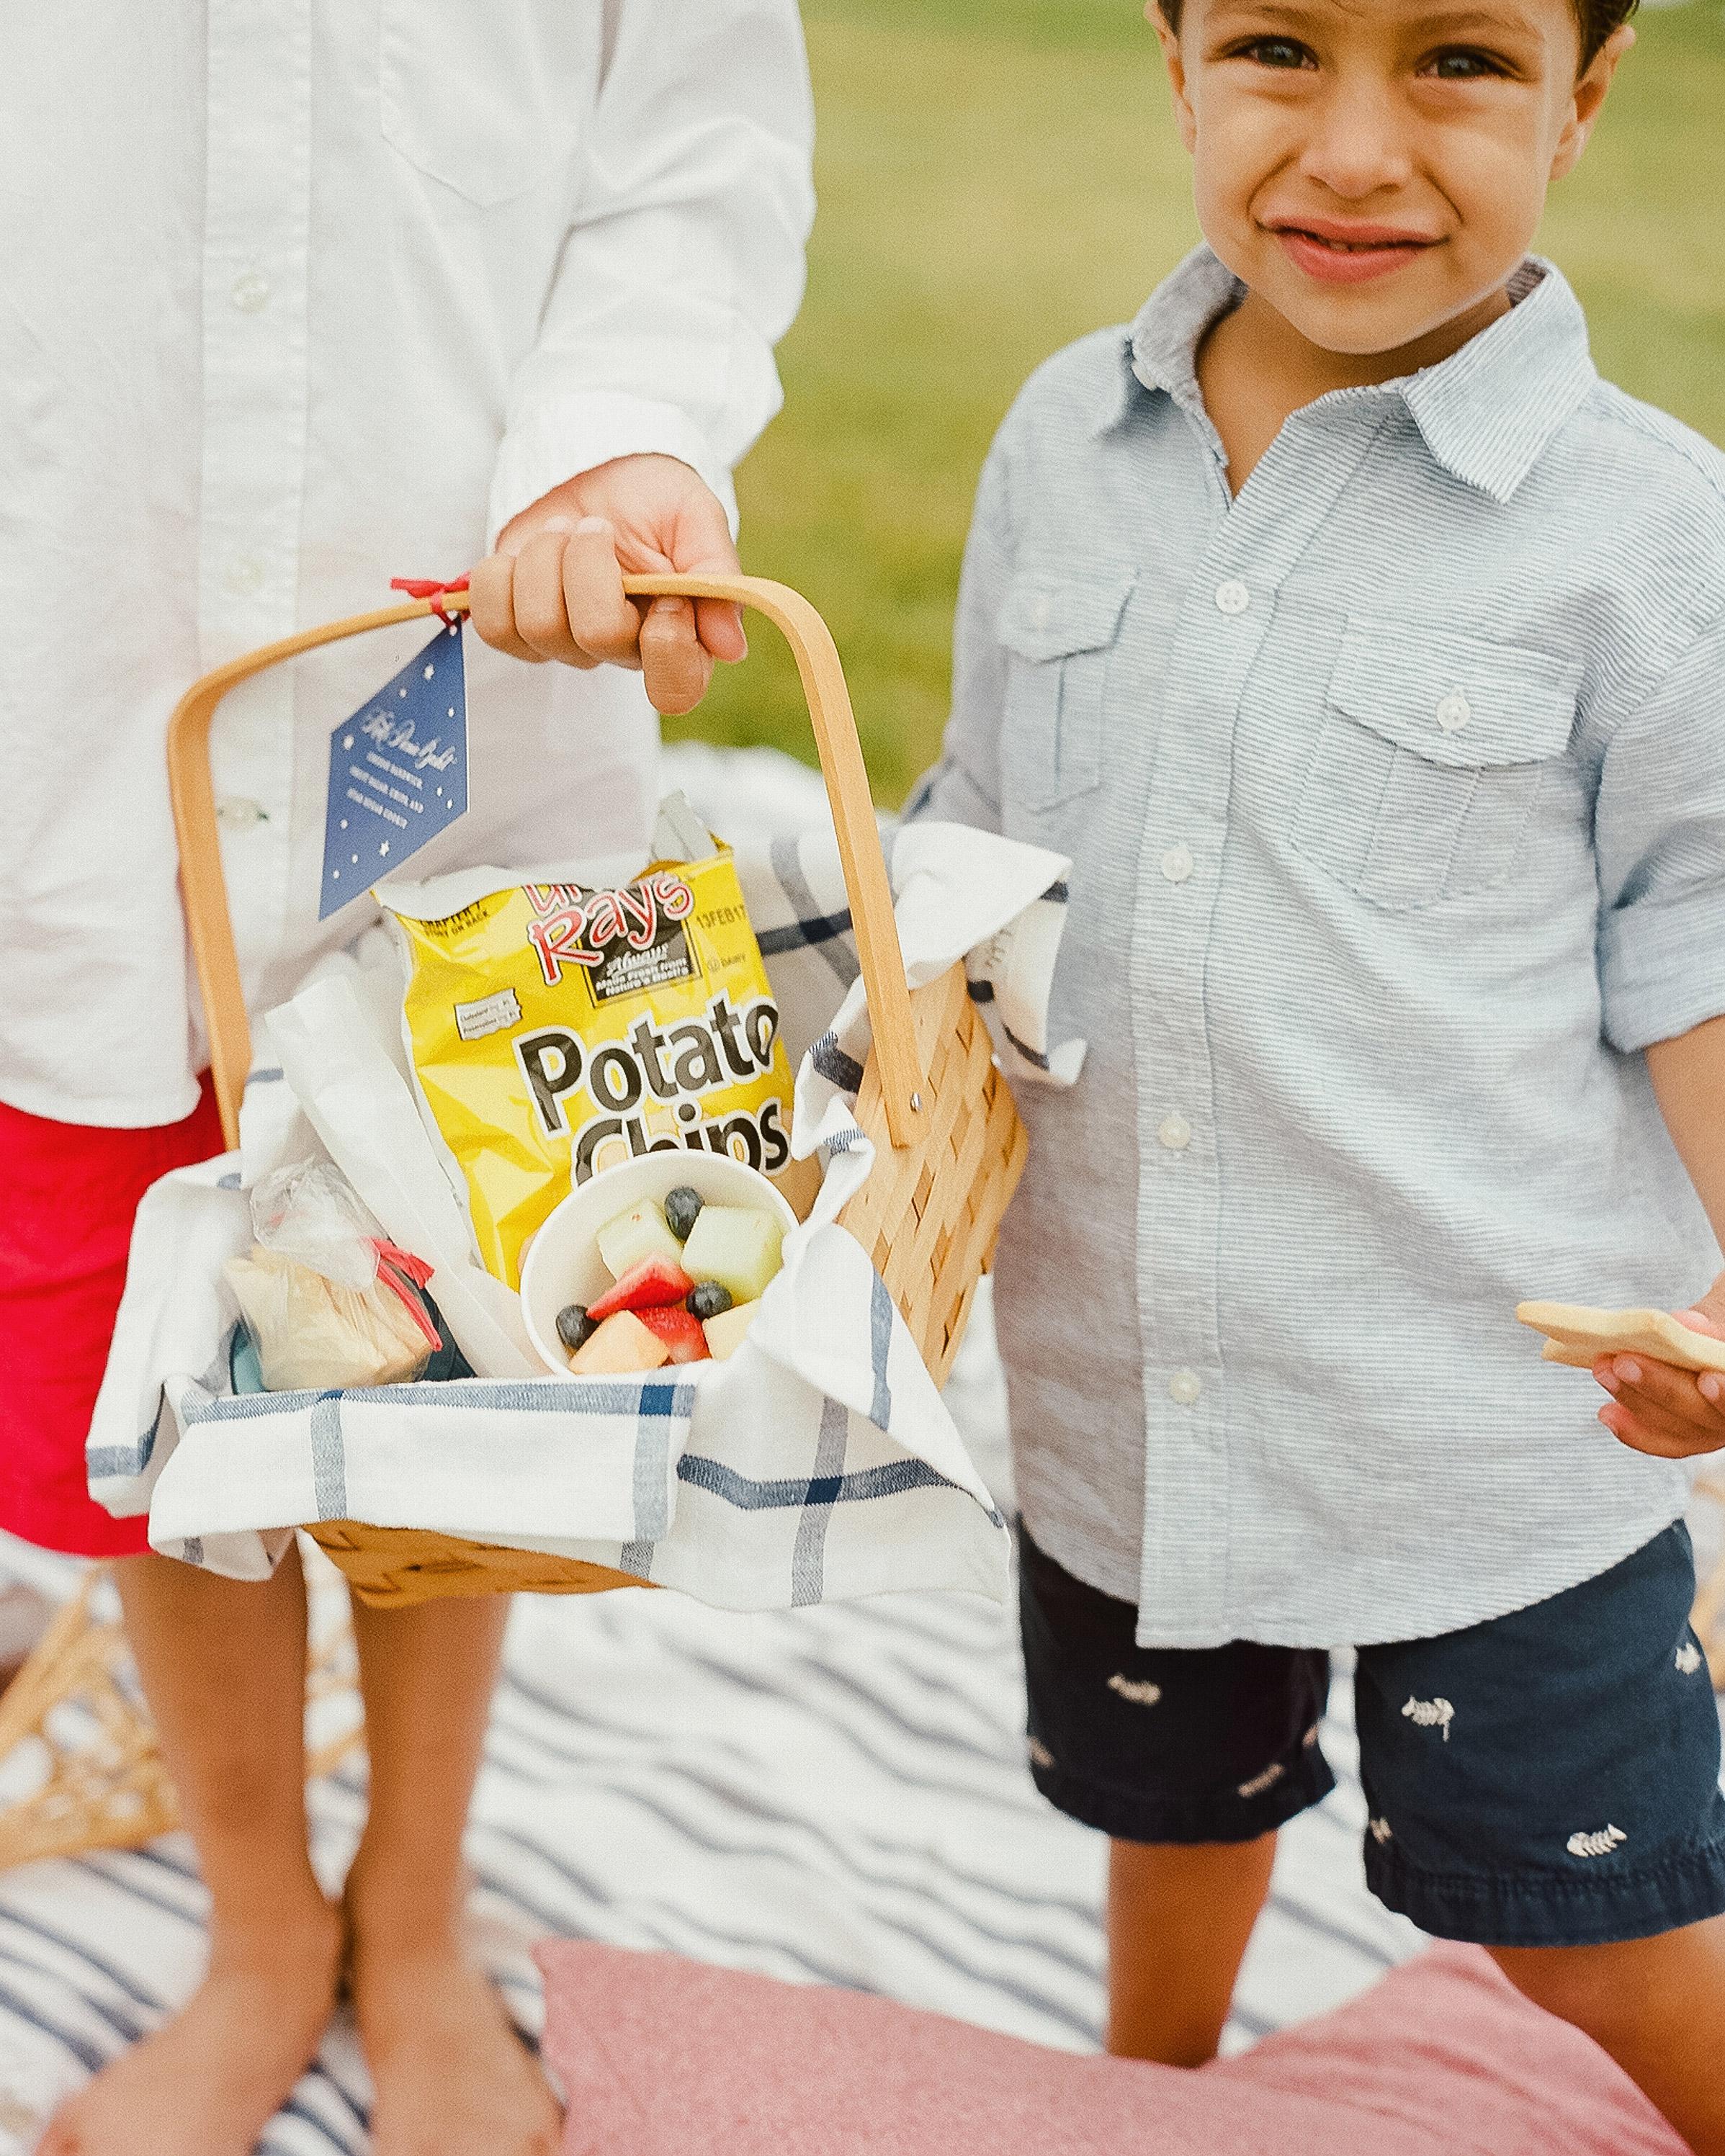 patriotic party picnic basket boy